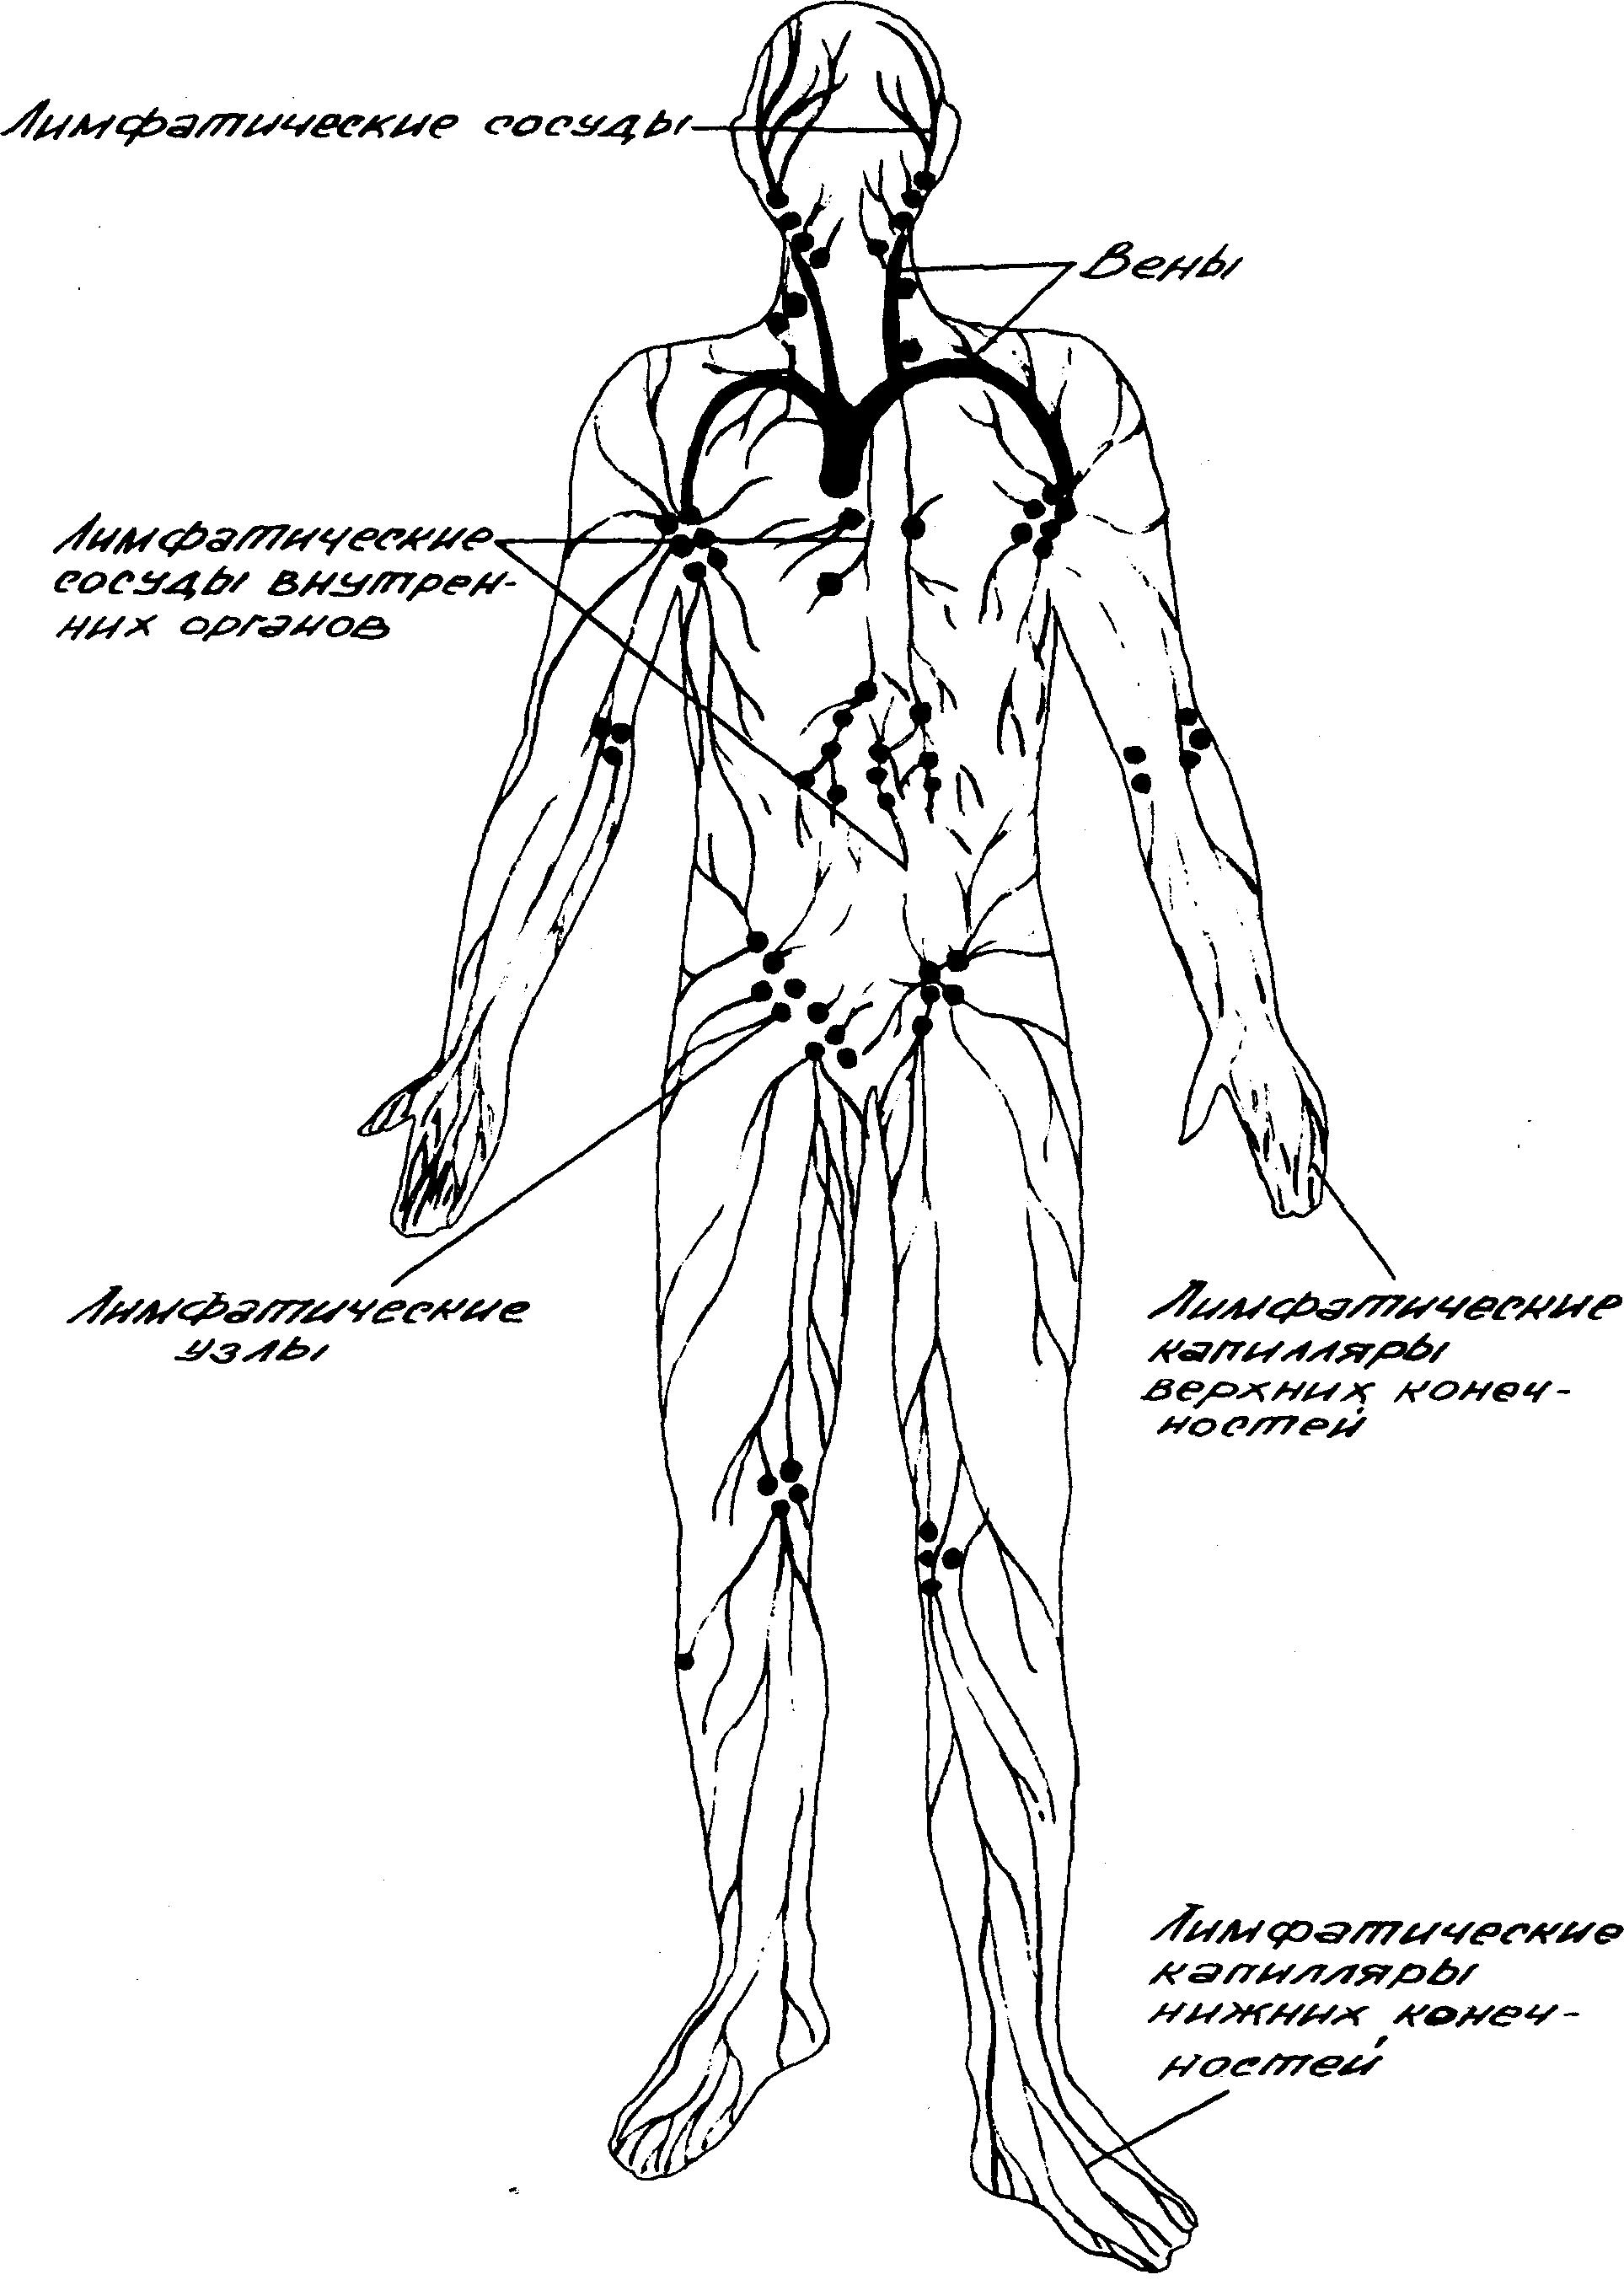 Что такое лимфа и какова ее роль в организме человека.